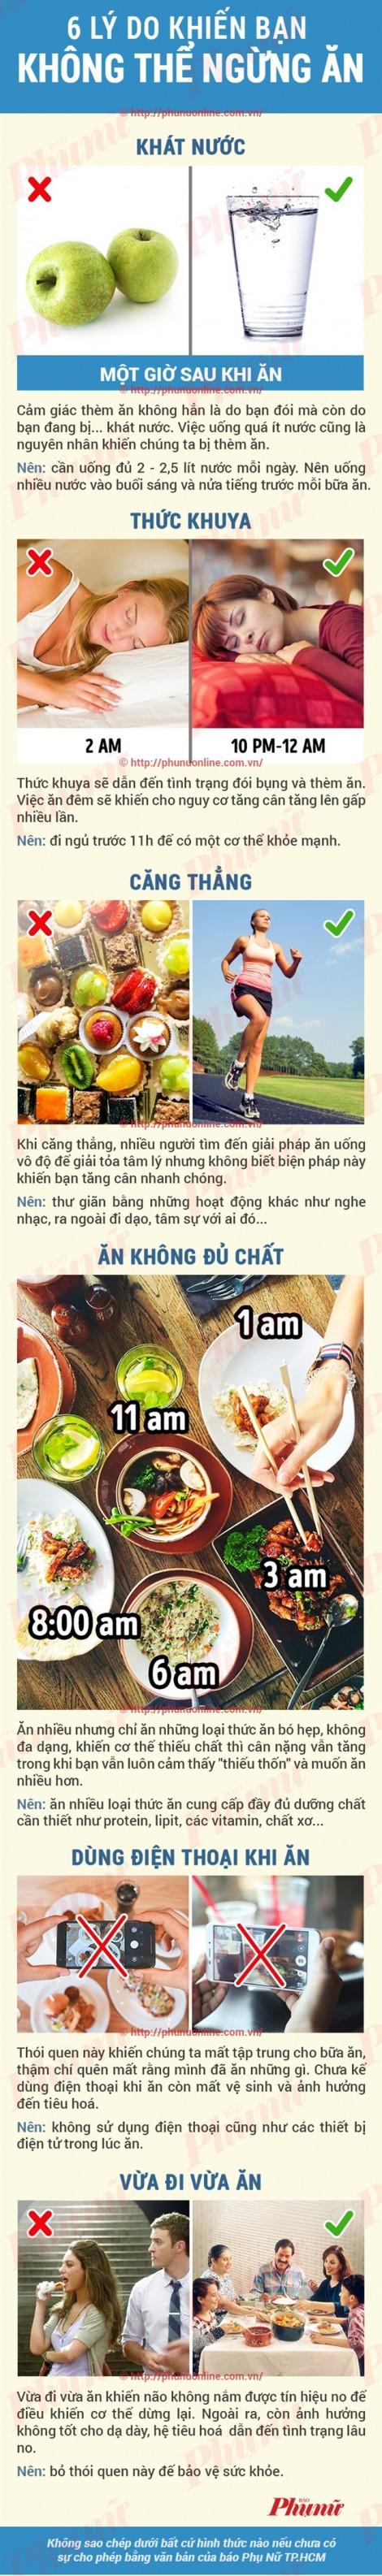 6 nguyên nhân gây thèm ăn